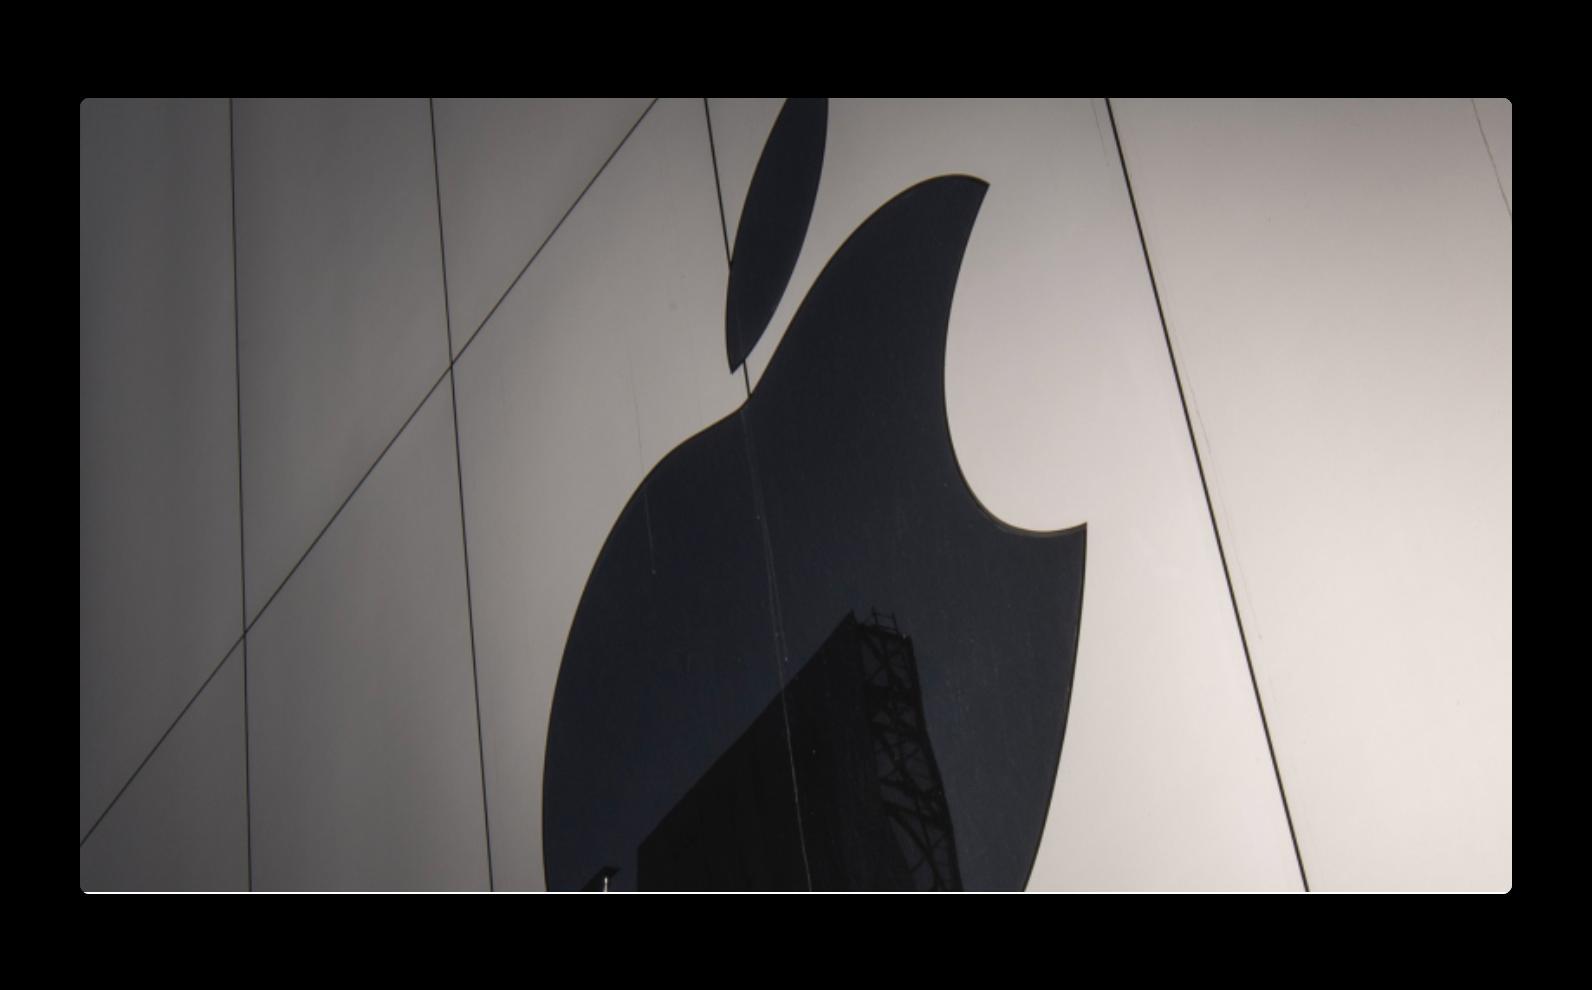 過去40年間で、Appleが誤解された最悪の5つの予測